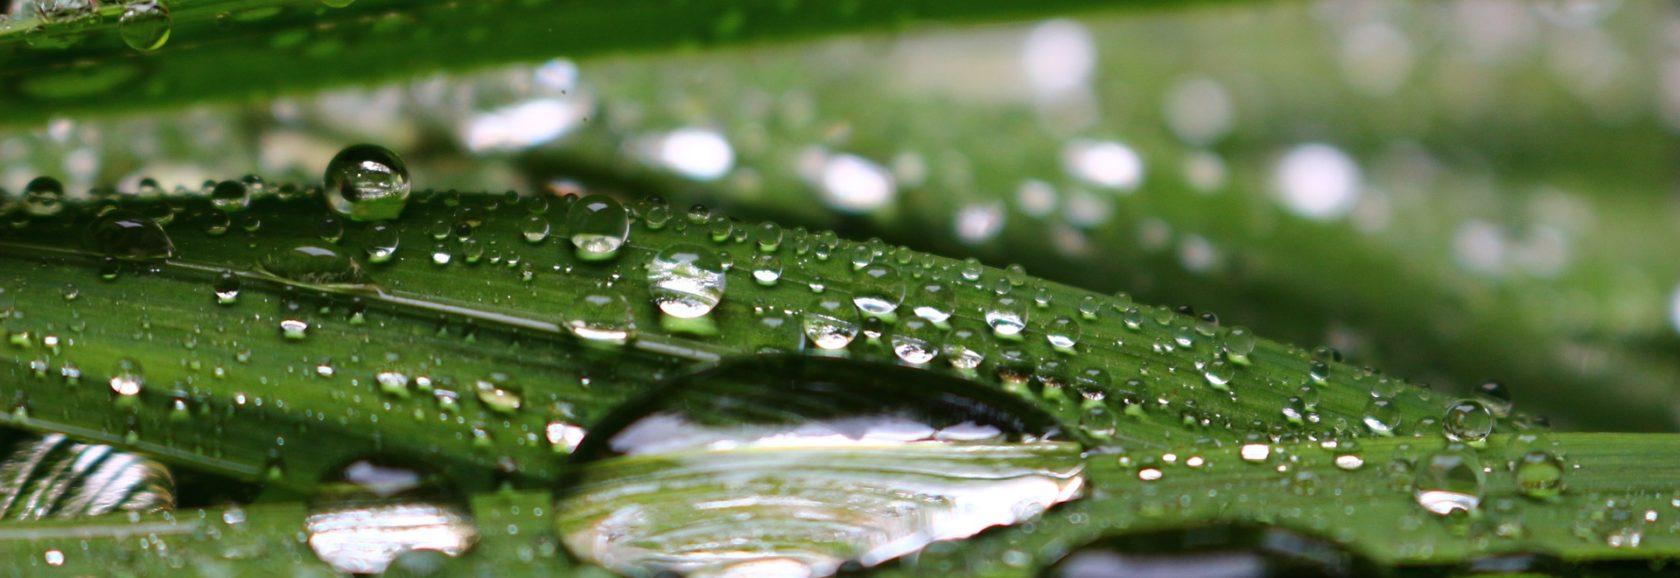 raindrops-1532618_1920